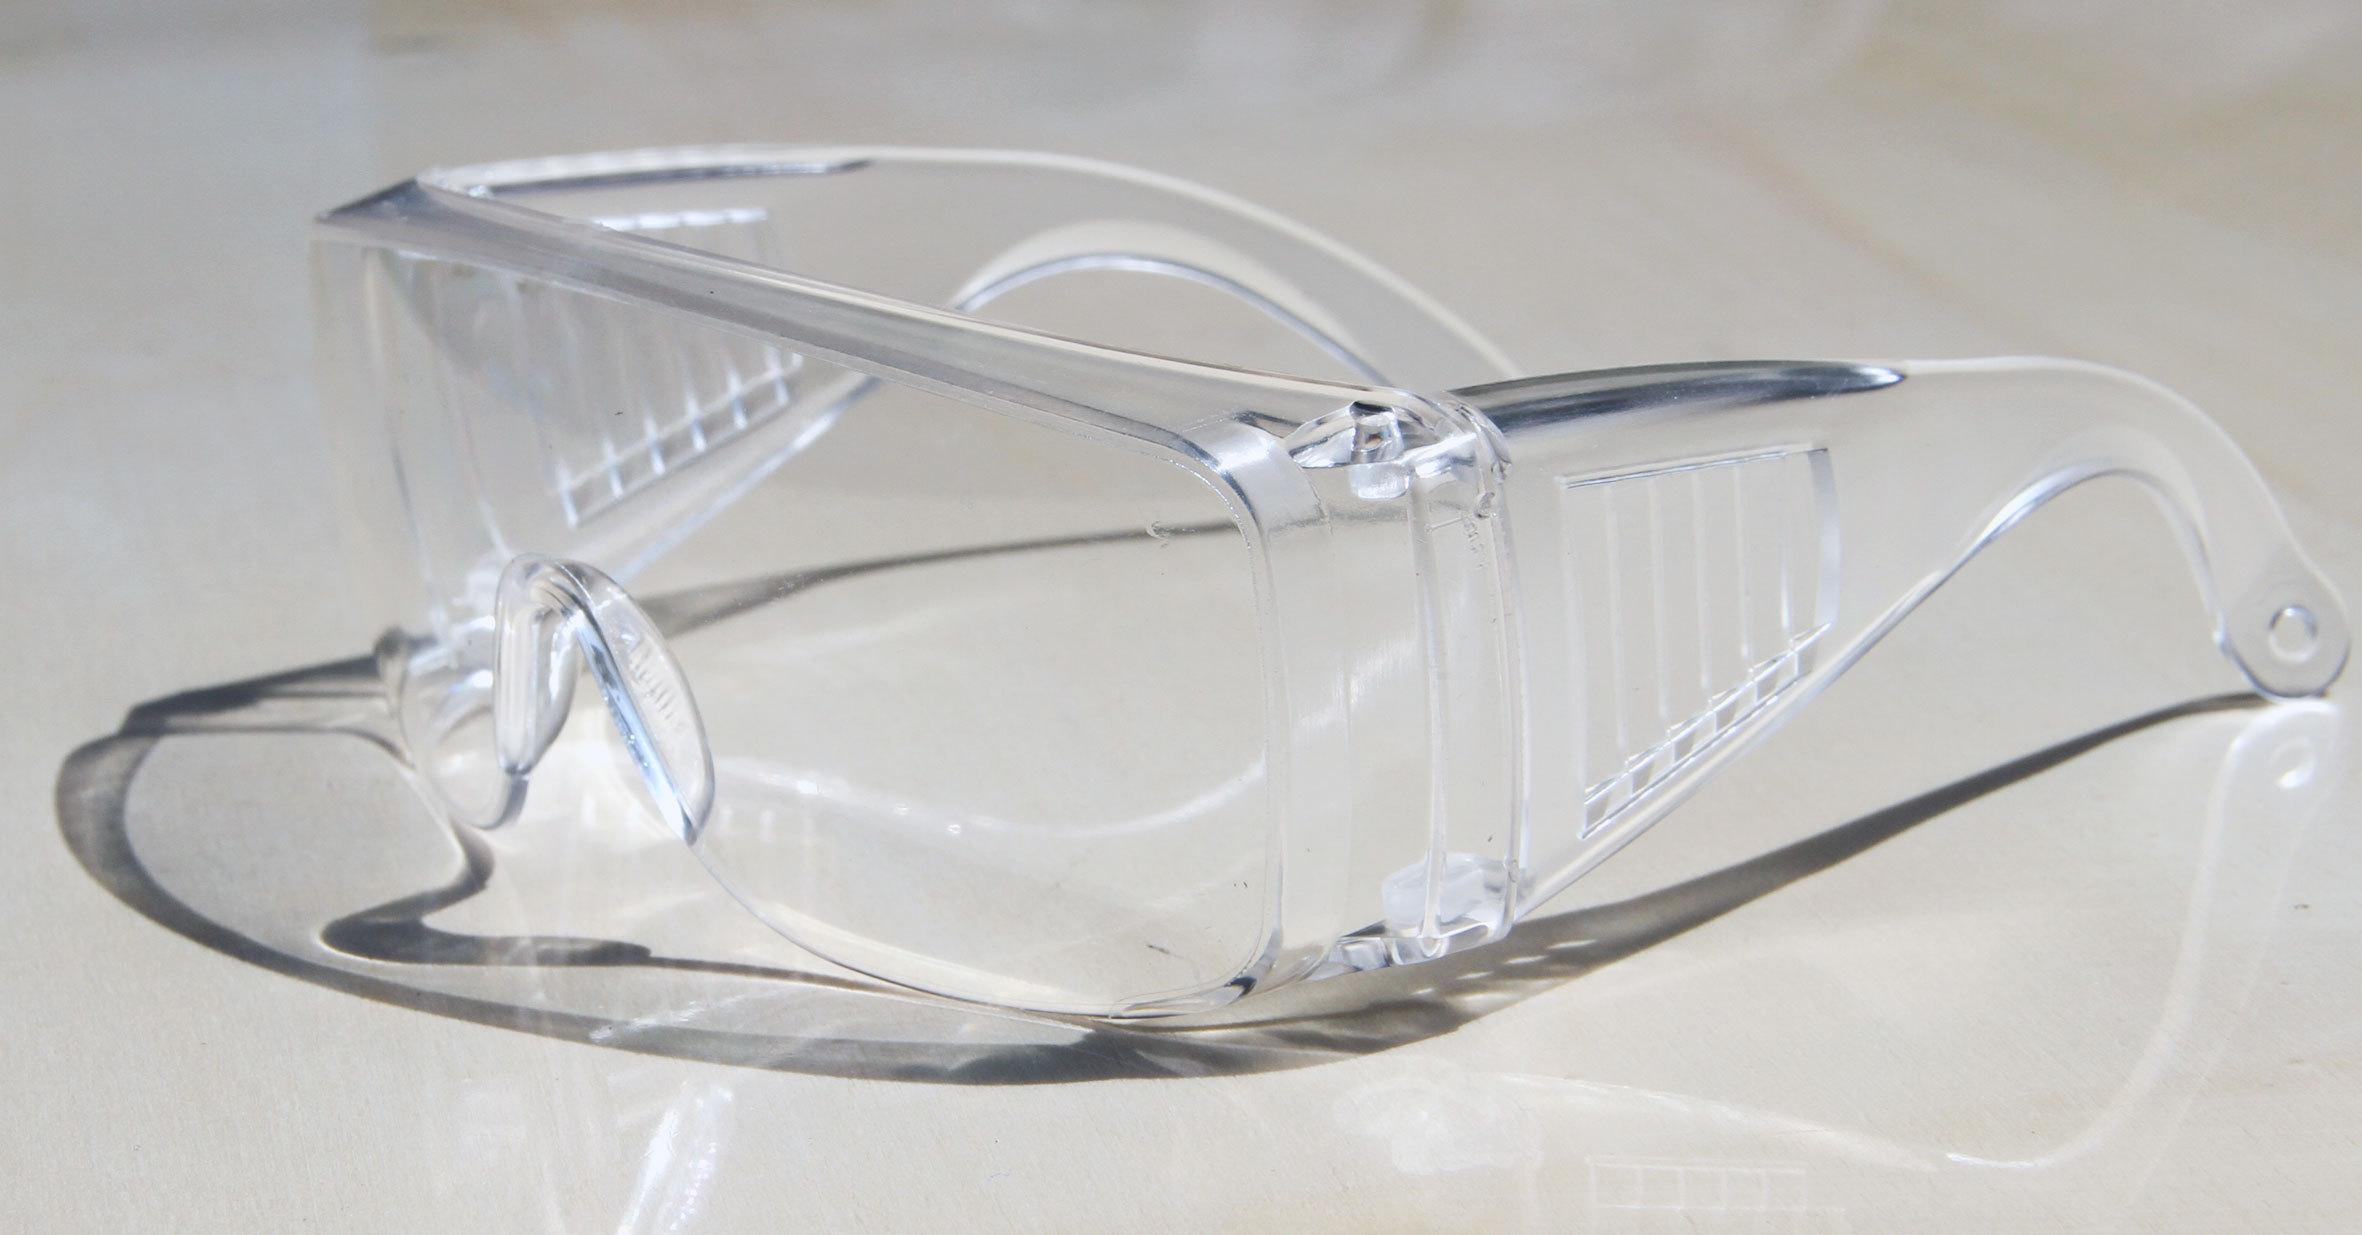 Очки от ветра и пыли Стекло защитное дышащей закрытый глаз очки очки Ветер зеркала